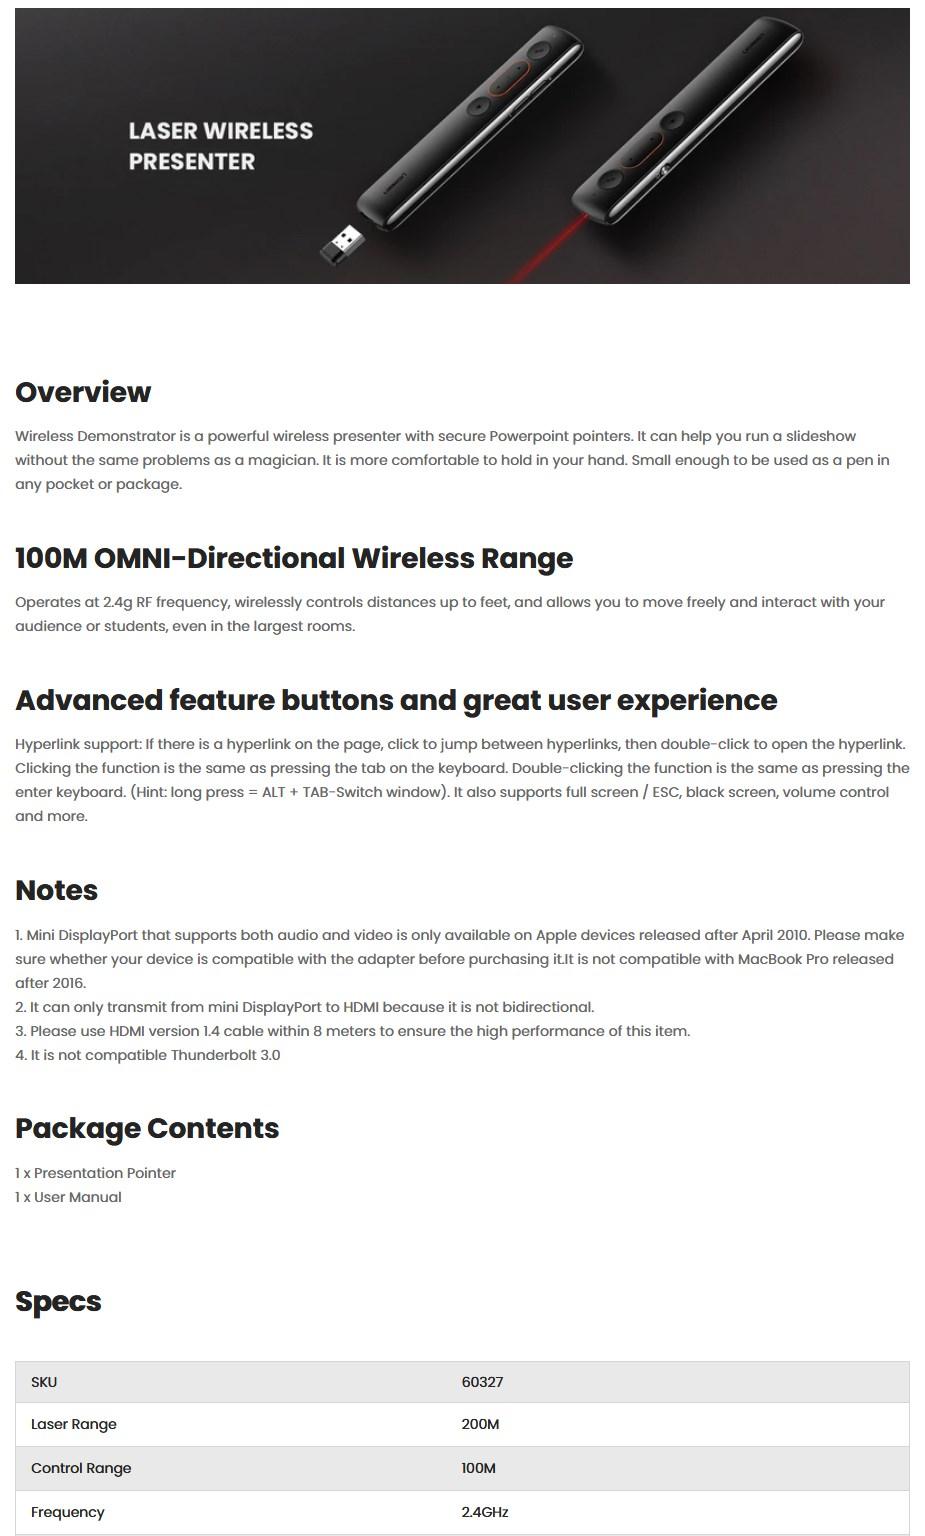 Ugreen 60327 Laser Projection/Flip Pen - Black - Overview 1